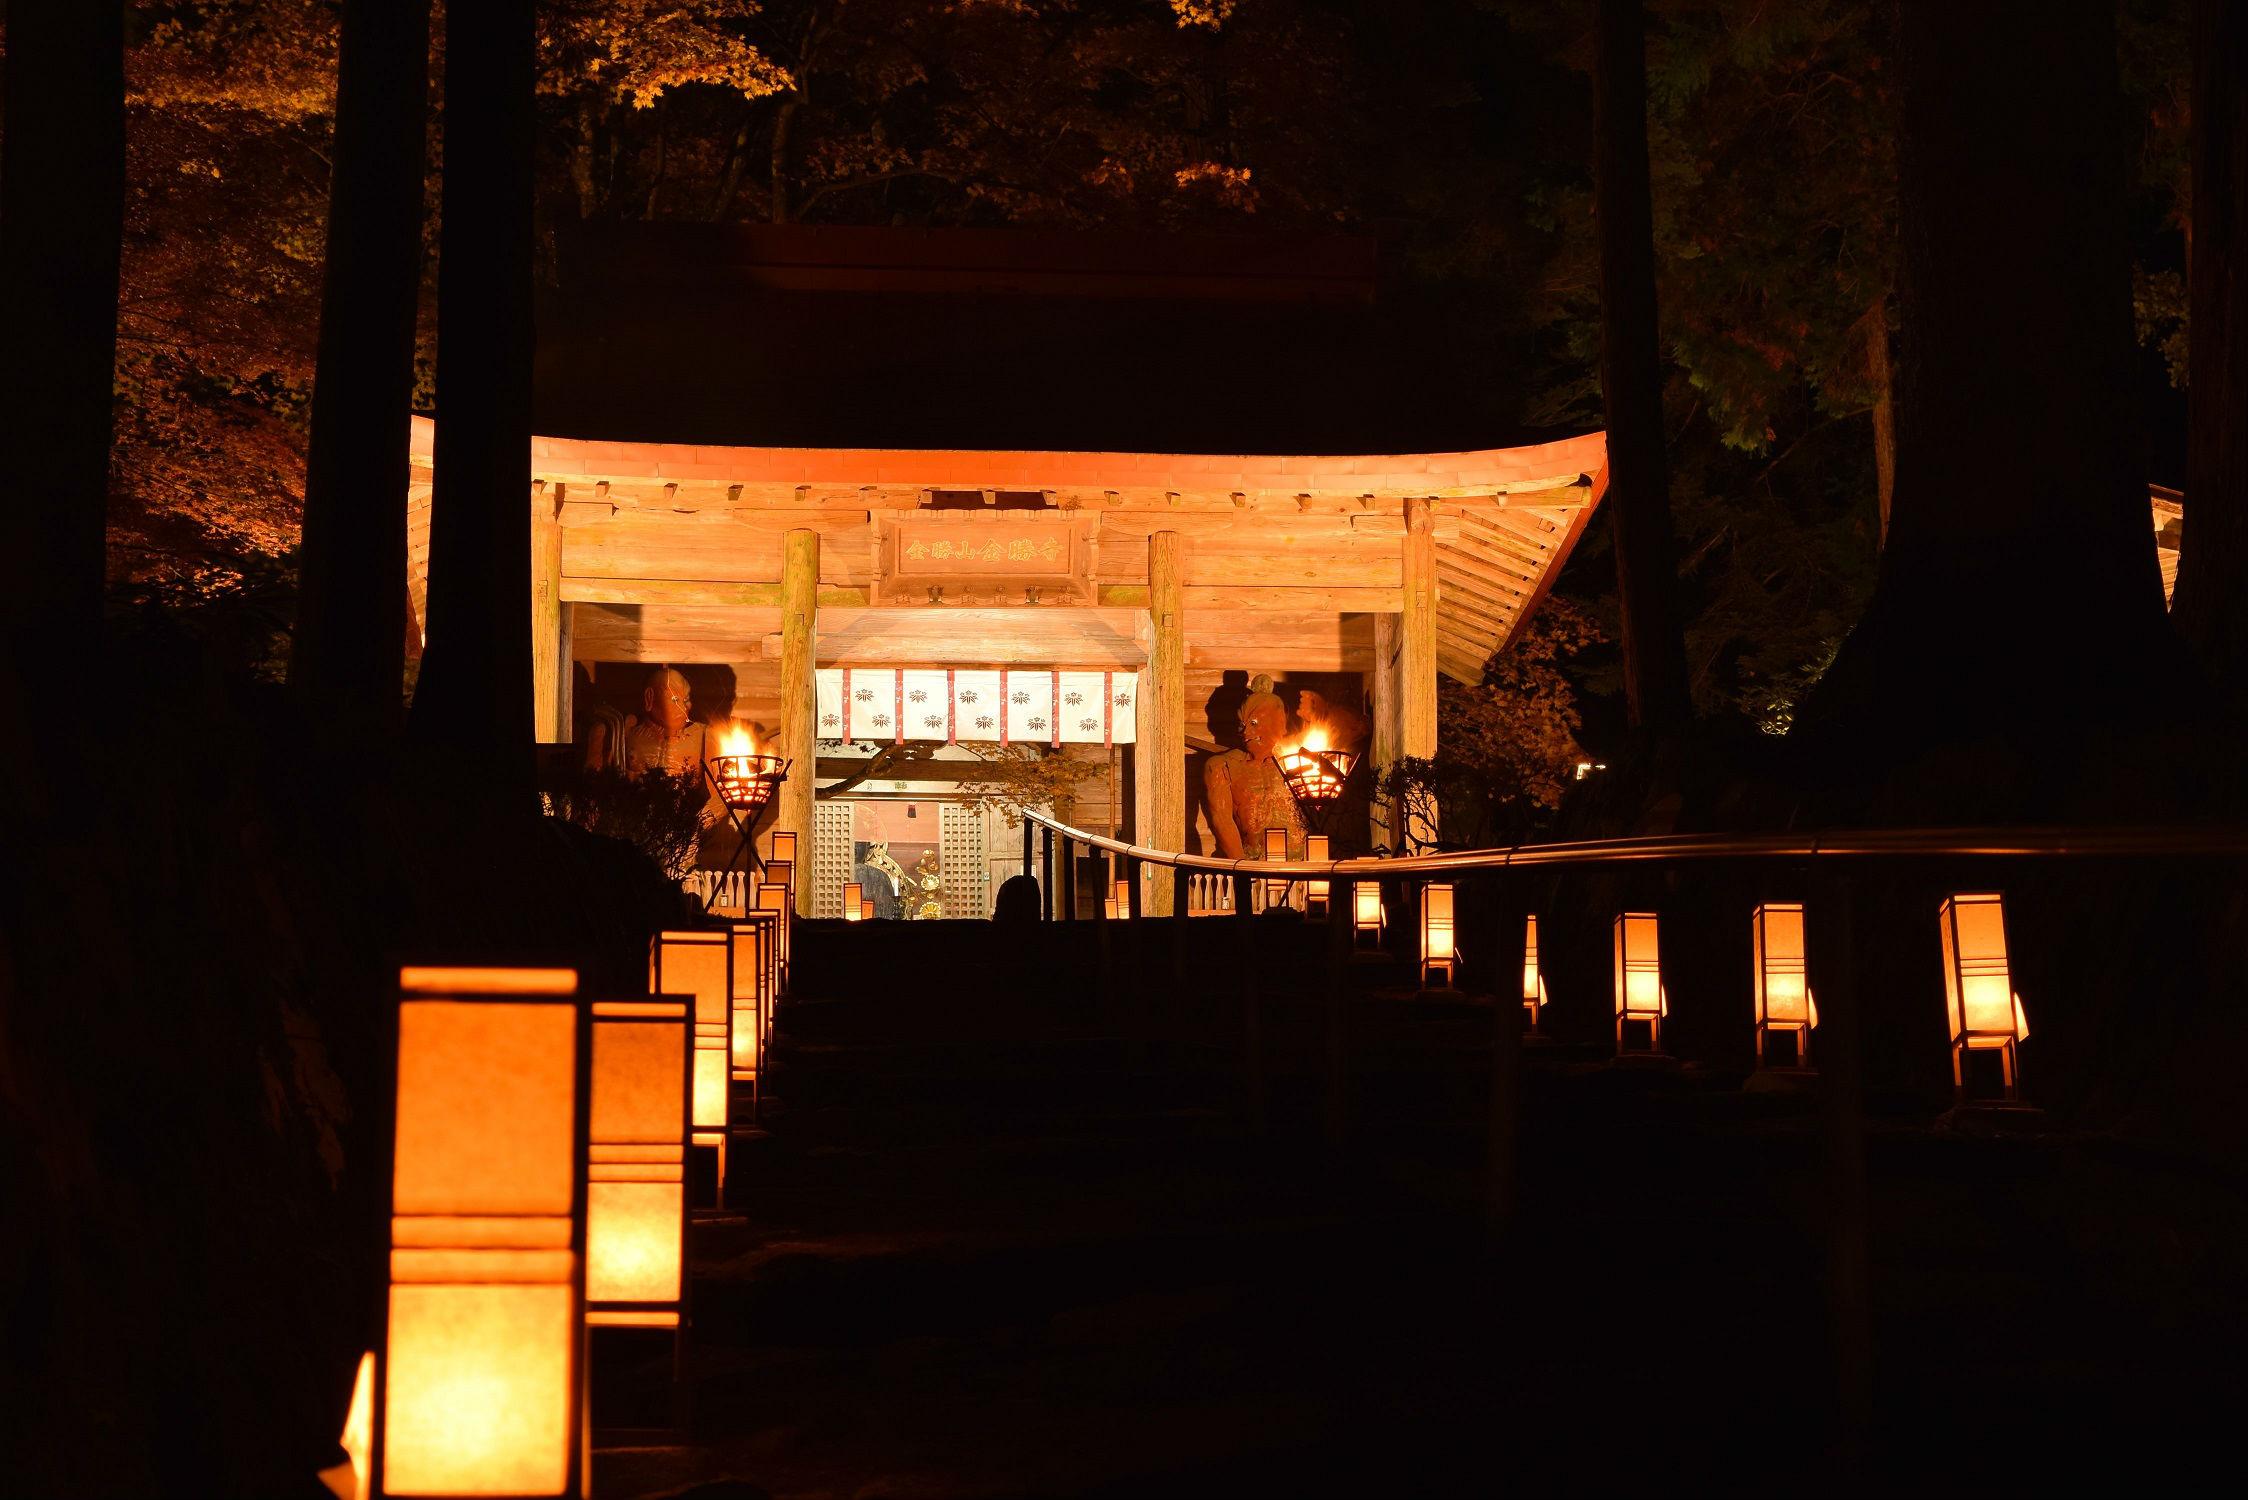 幻想的な灯りにいざなわれ。霊山清浄久遠の金勝寺のあかり